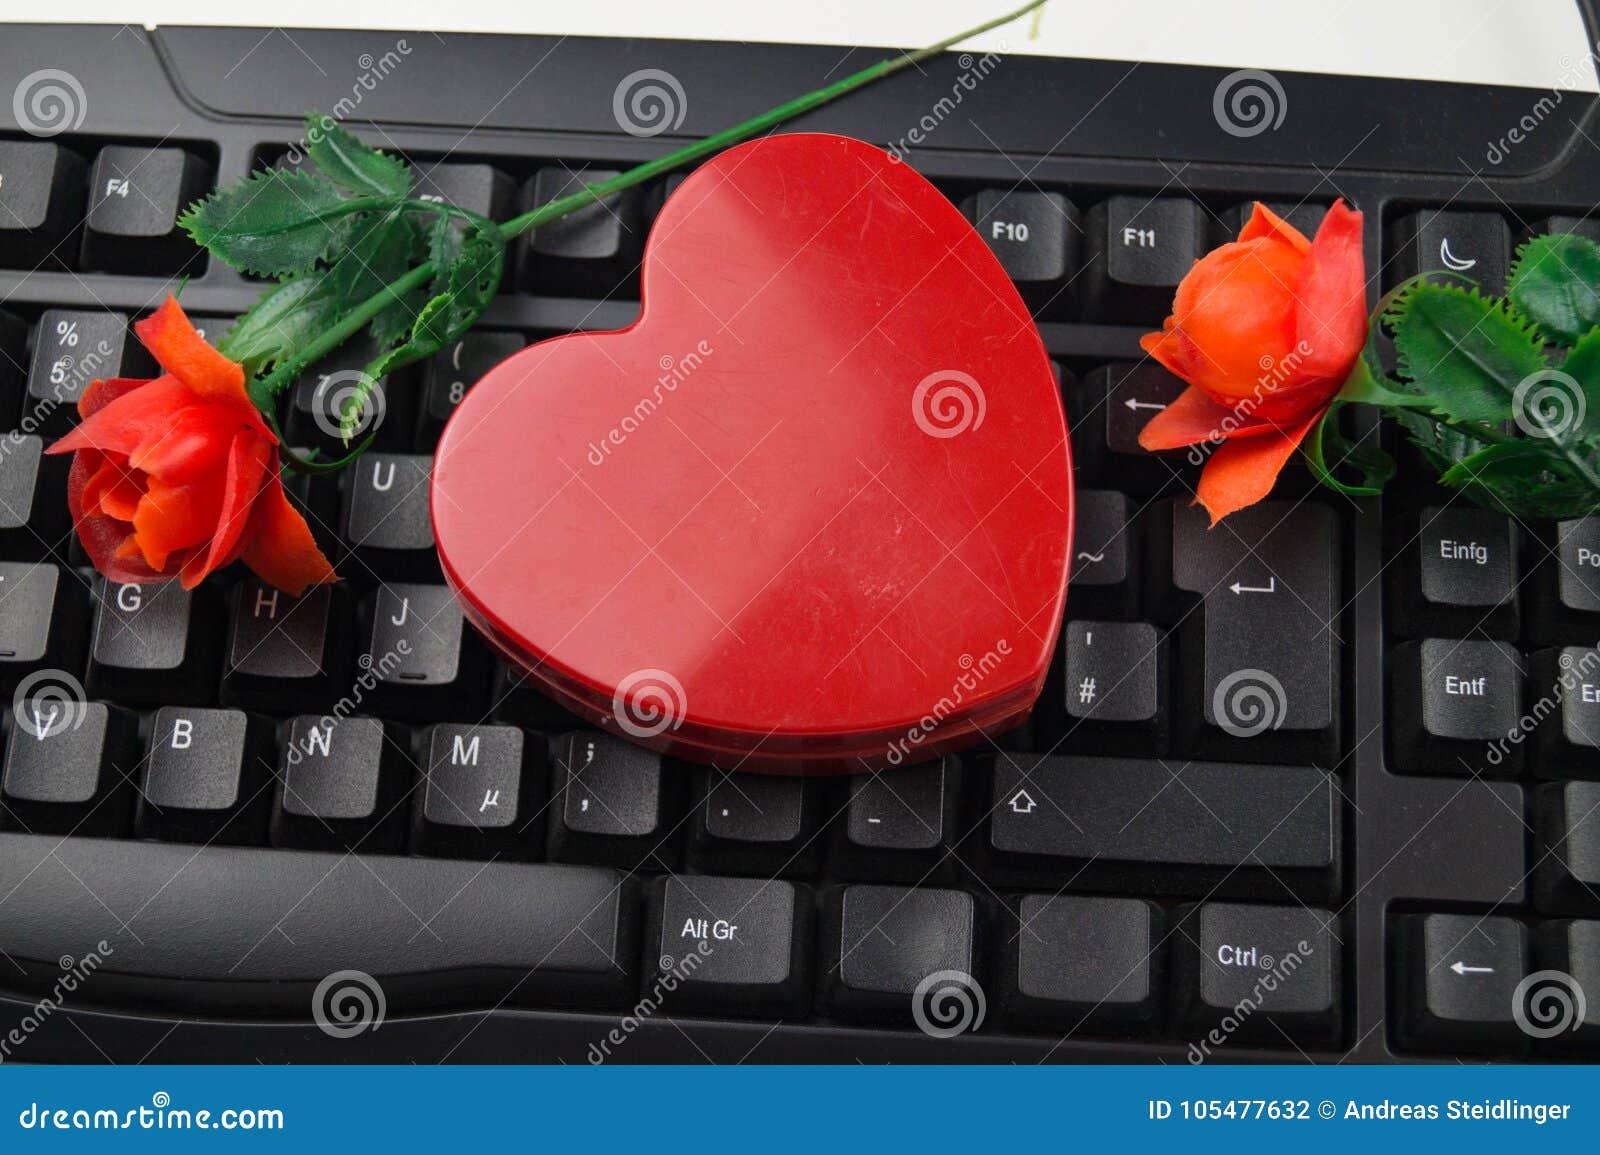 Alt online dating